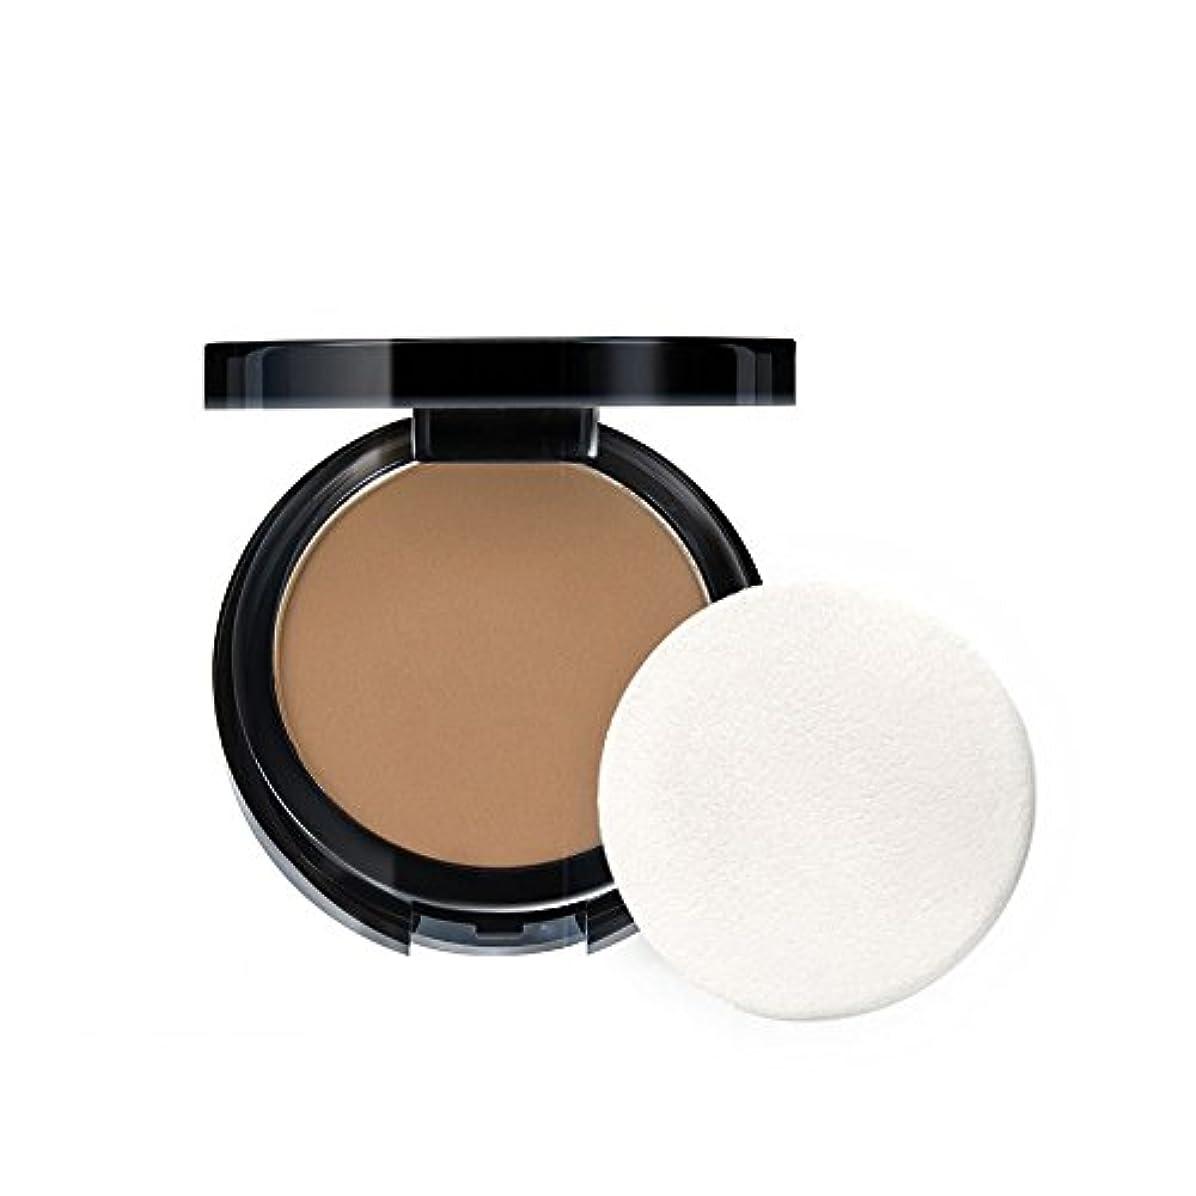 境界縫う早い(3 Pack) ABSOLUTE HD Flawless Powder Foundation - Honey Beige (並行輸入品)